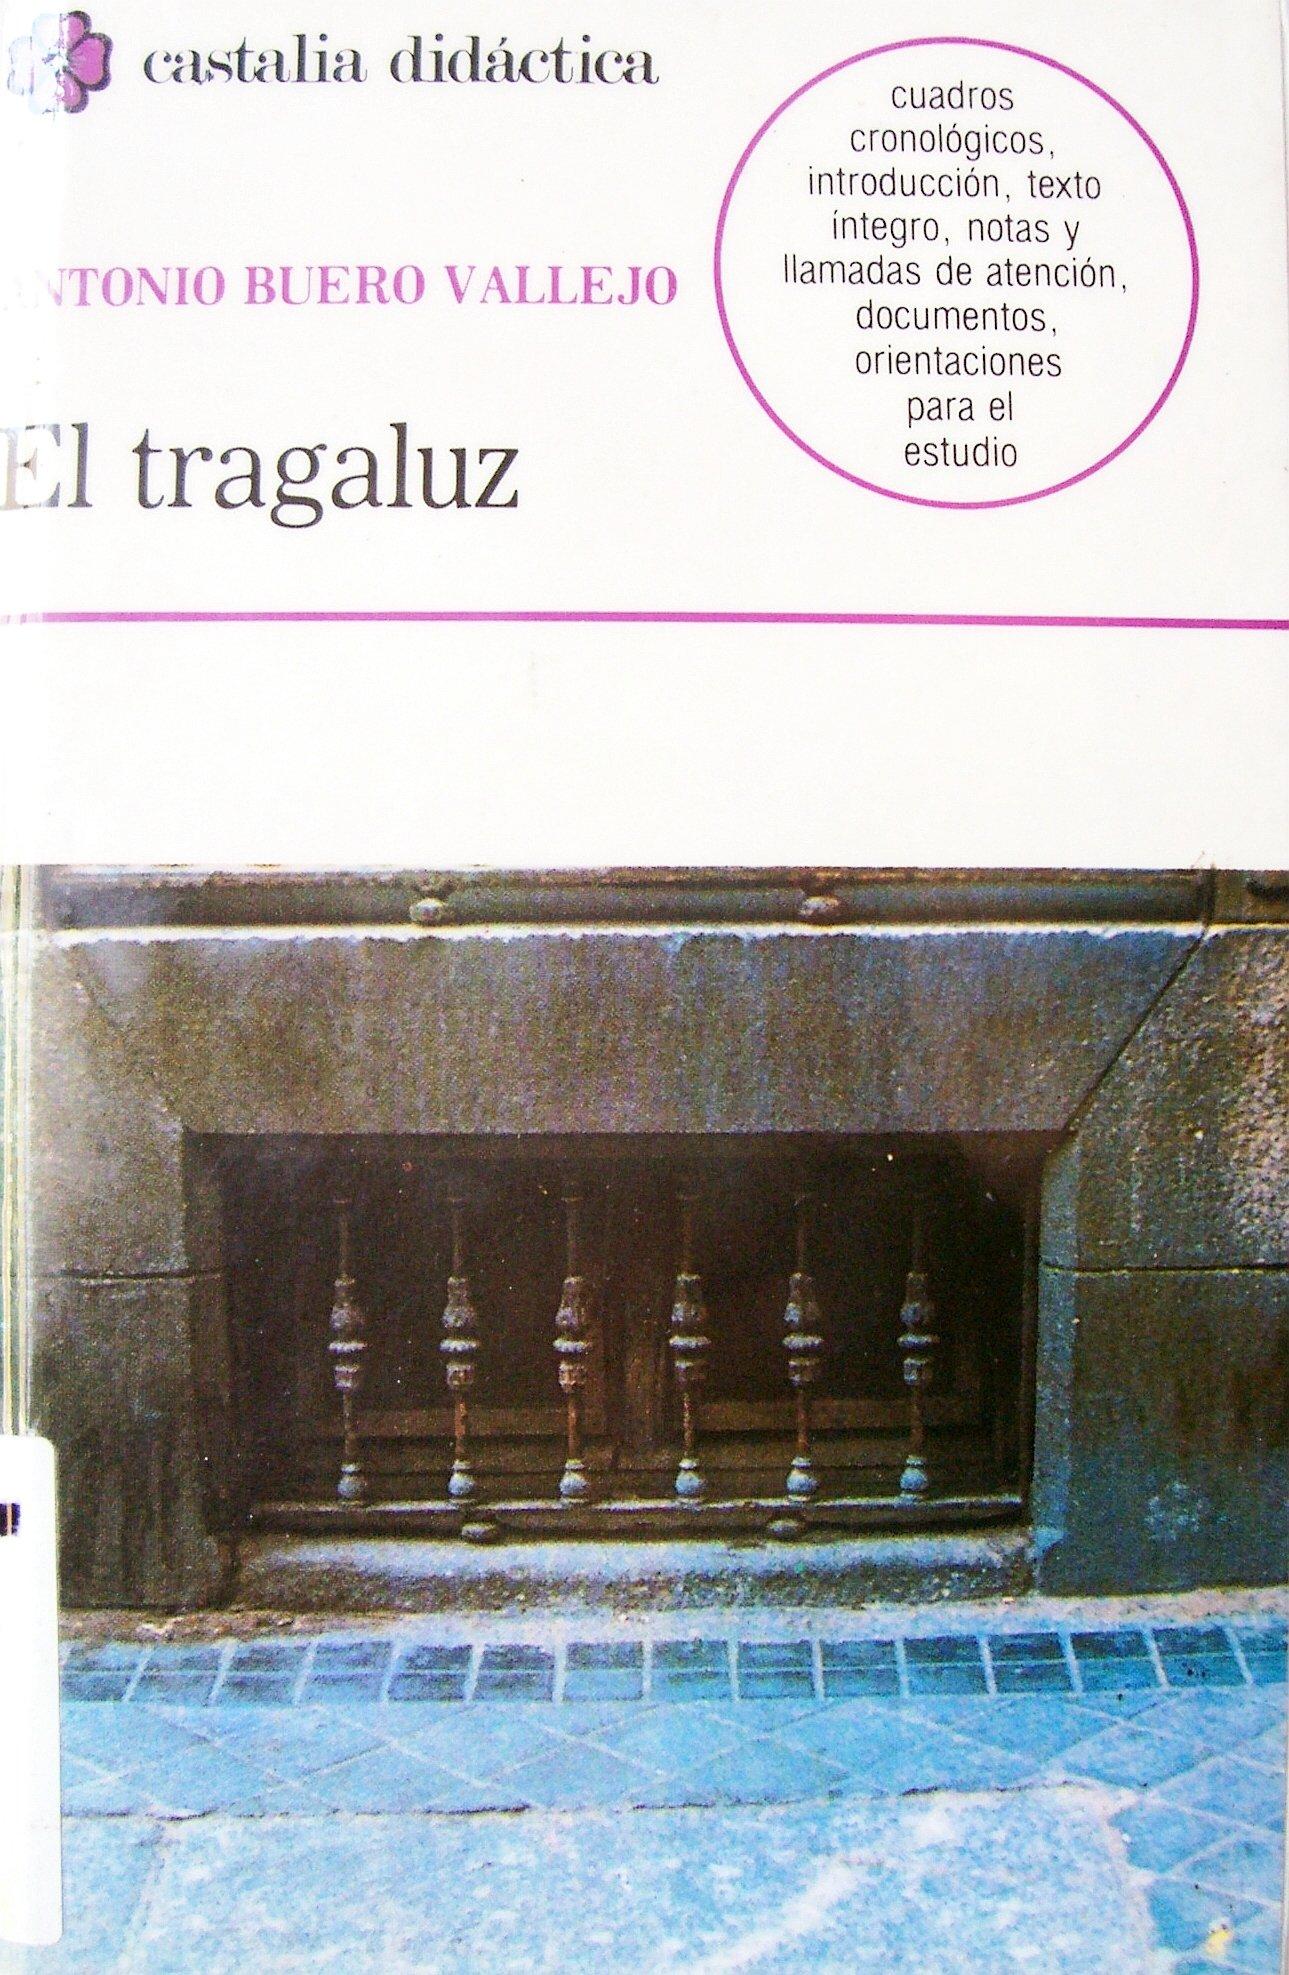 El tragaluz: Amazon.es: Antonio Buero Vallejo: Libros